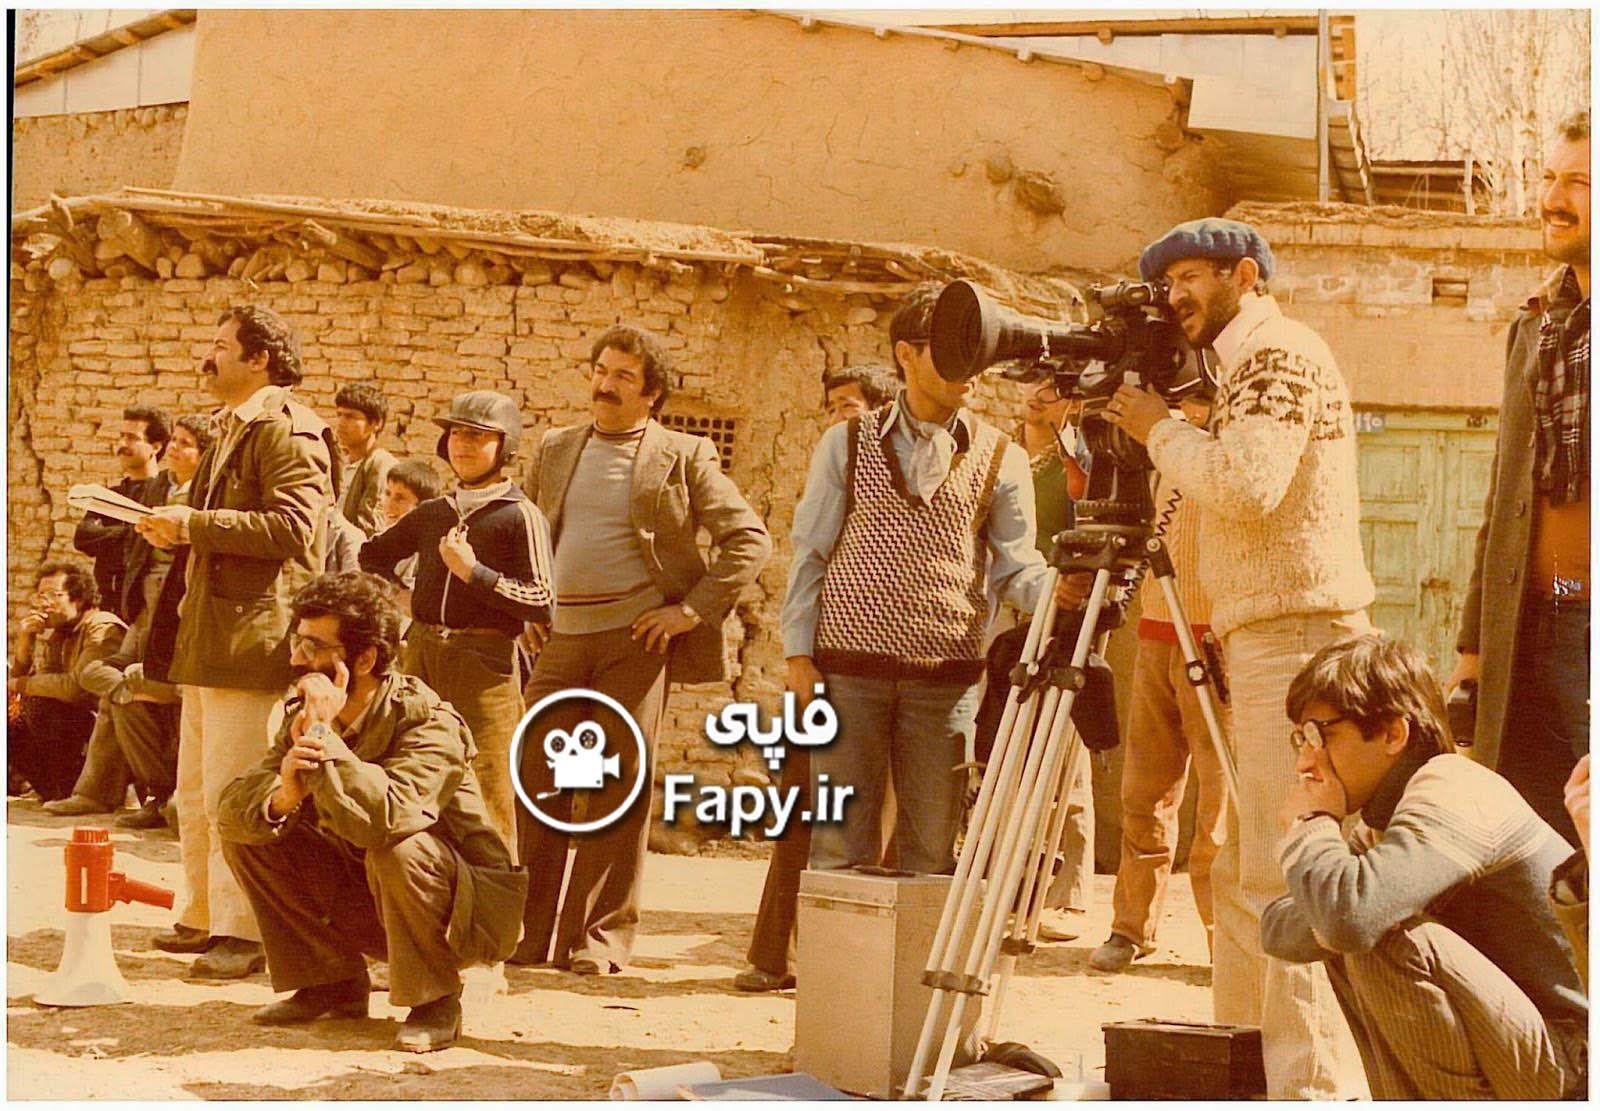 عکس های فیلم ایرانی آفتاب نشین ها